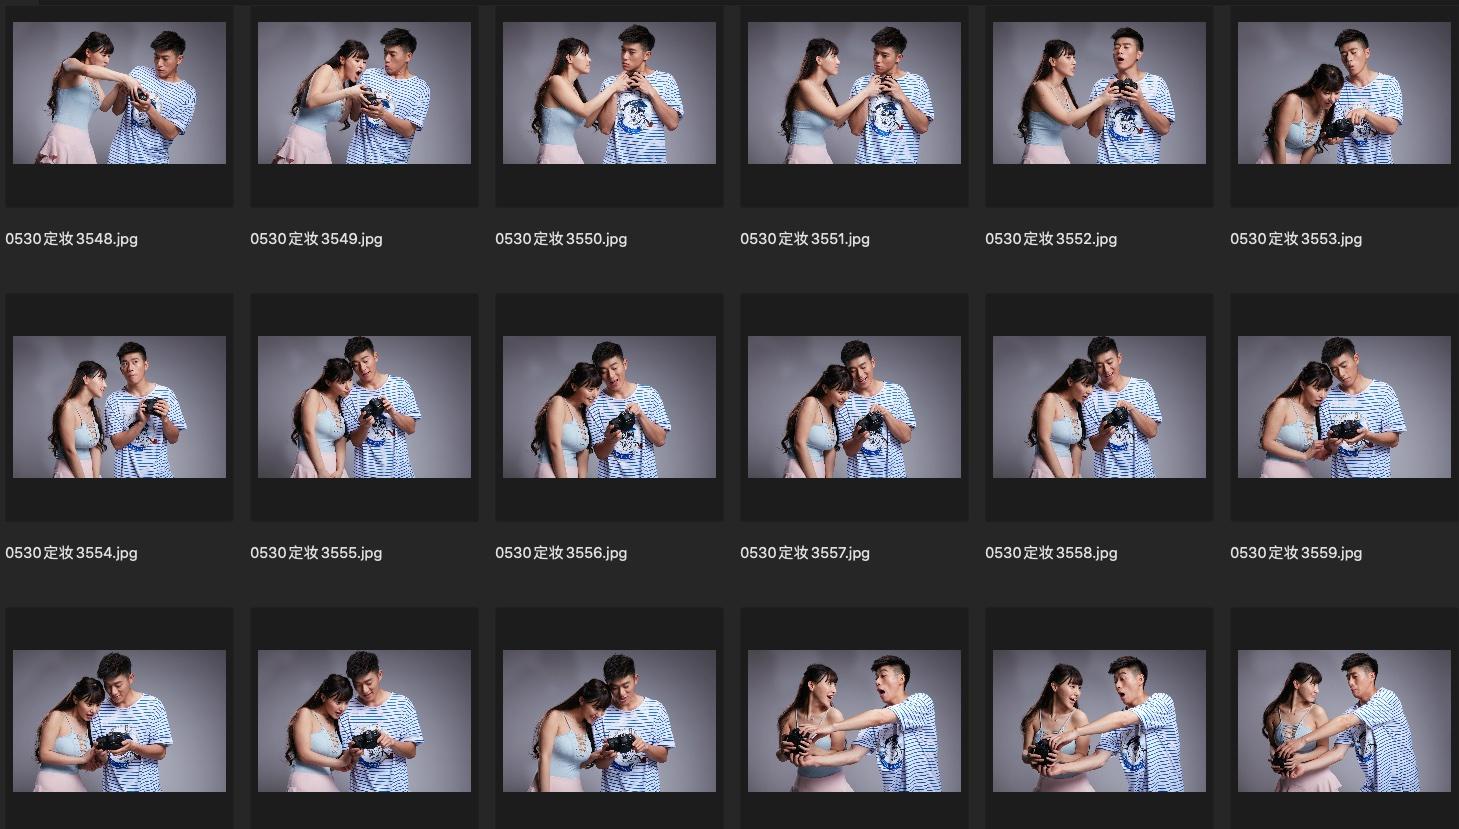 人像修图JPG素材 演员朱可儿&杨宇斌某电影定妆照合影生图第2组 收集整理 第3张